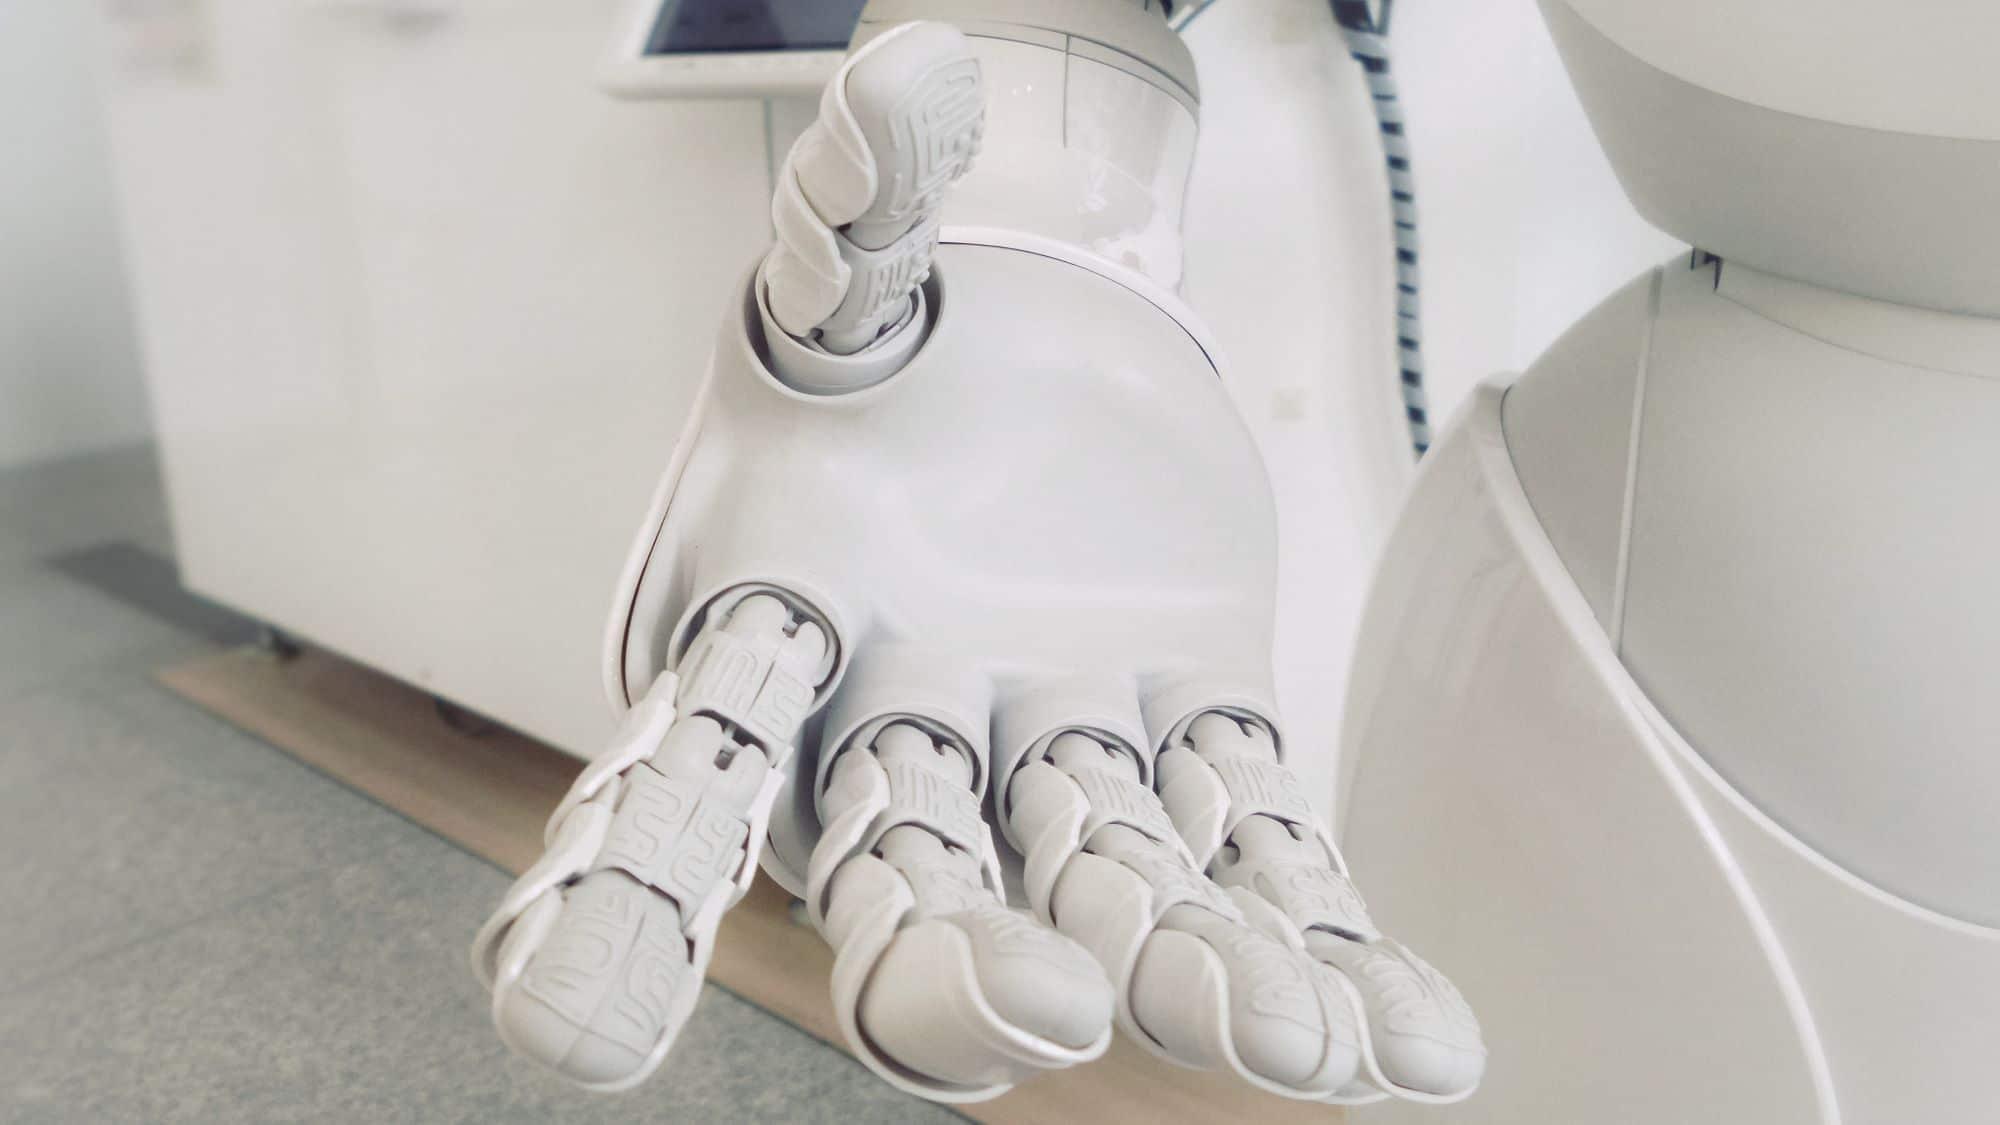 AI arm